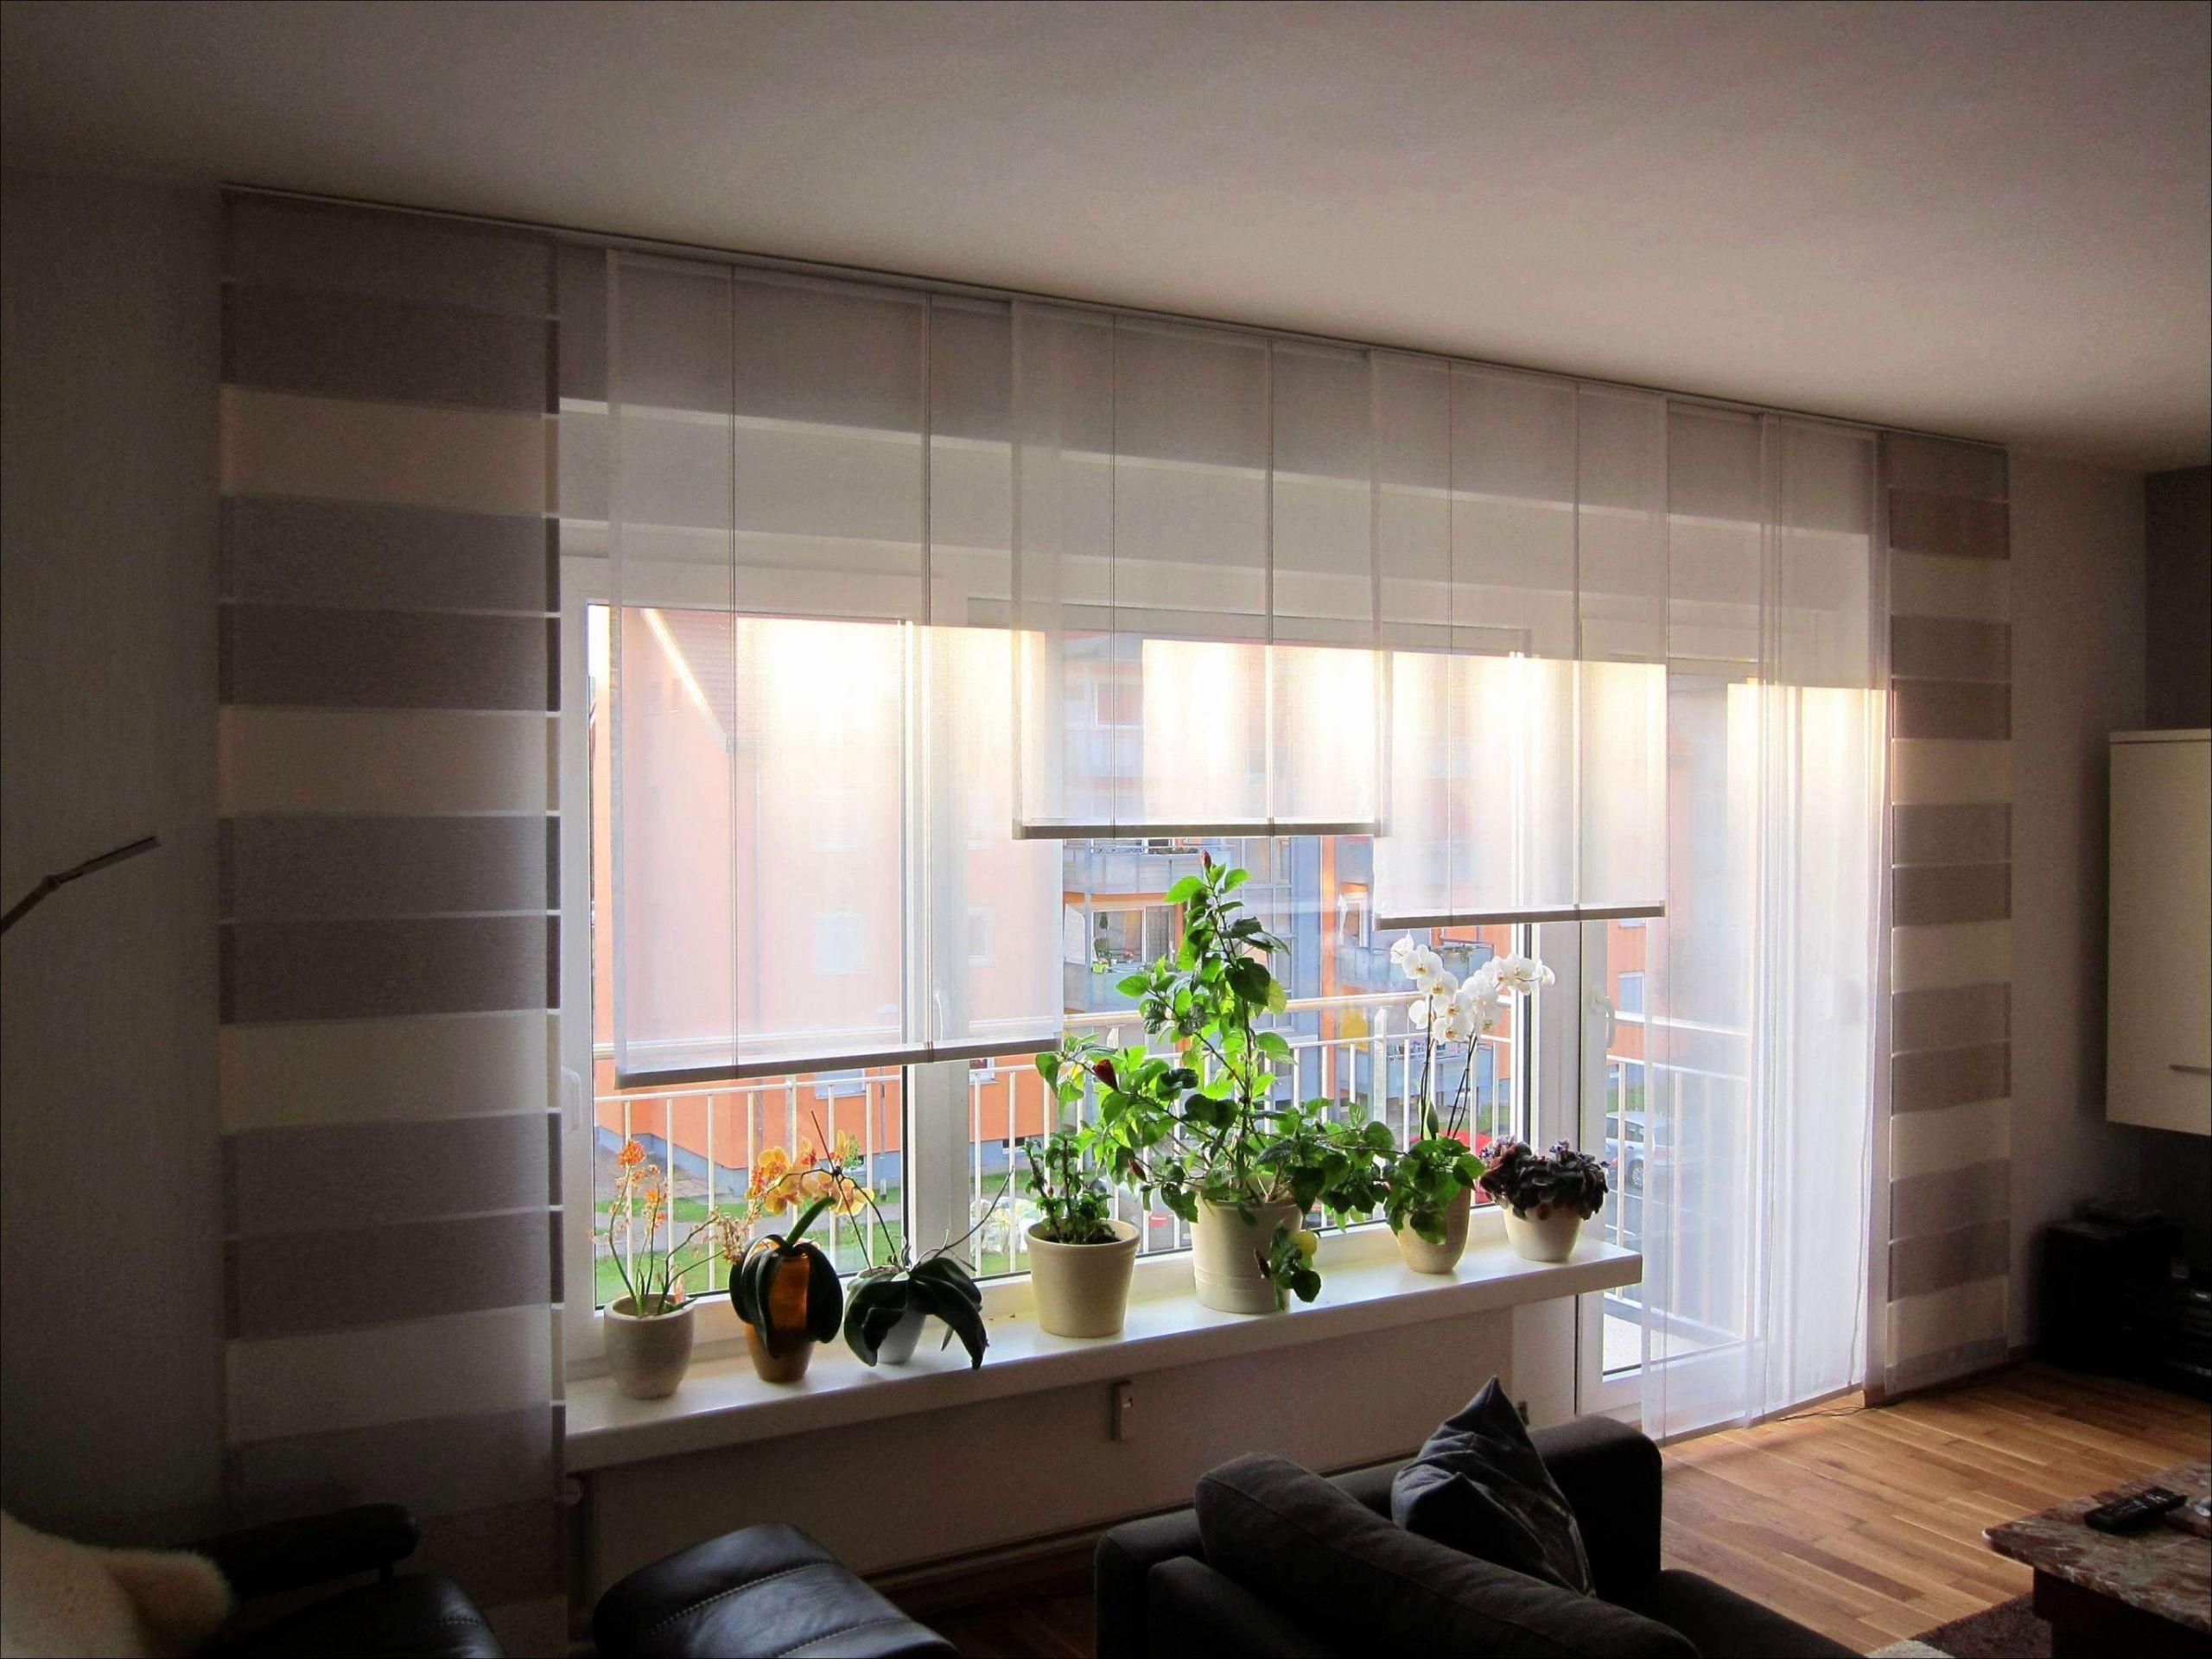 Full Size of Wohnzimmer Gardinen Ebay Kleinanzeigen Wohnzimmer Gardinen Fenster Vorhänge Wohnzimmer Kräuselband Vorhänge Wohnzimmer Tedox Wohnzimmer Wohnzimmer Vorhänge